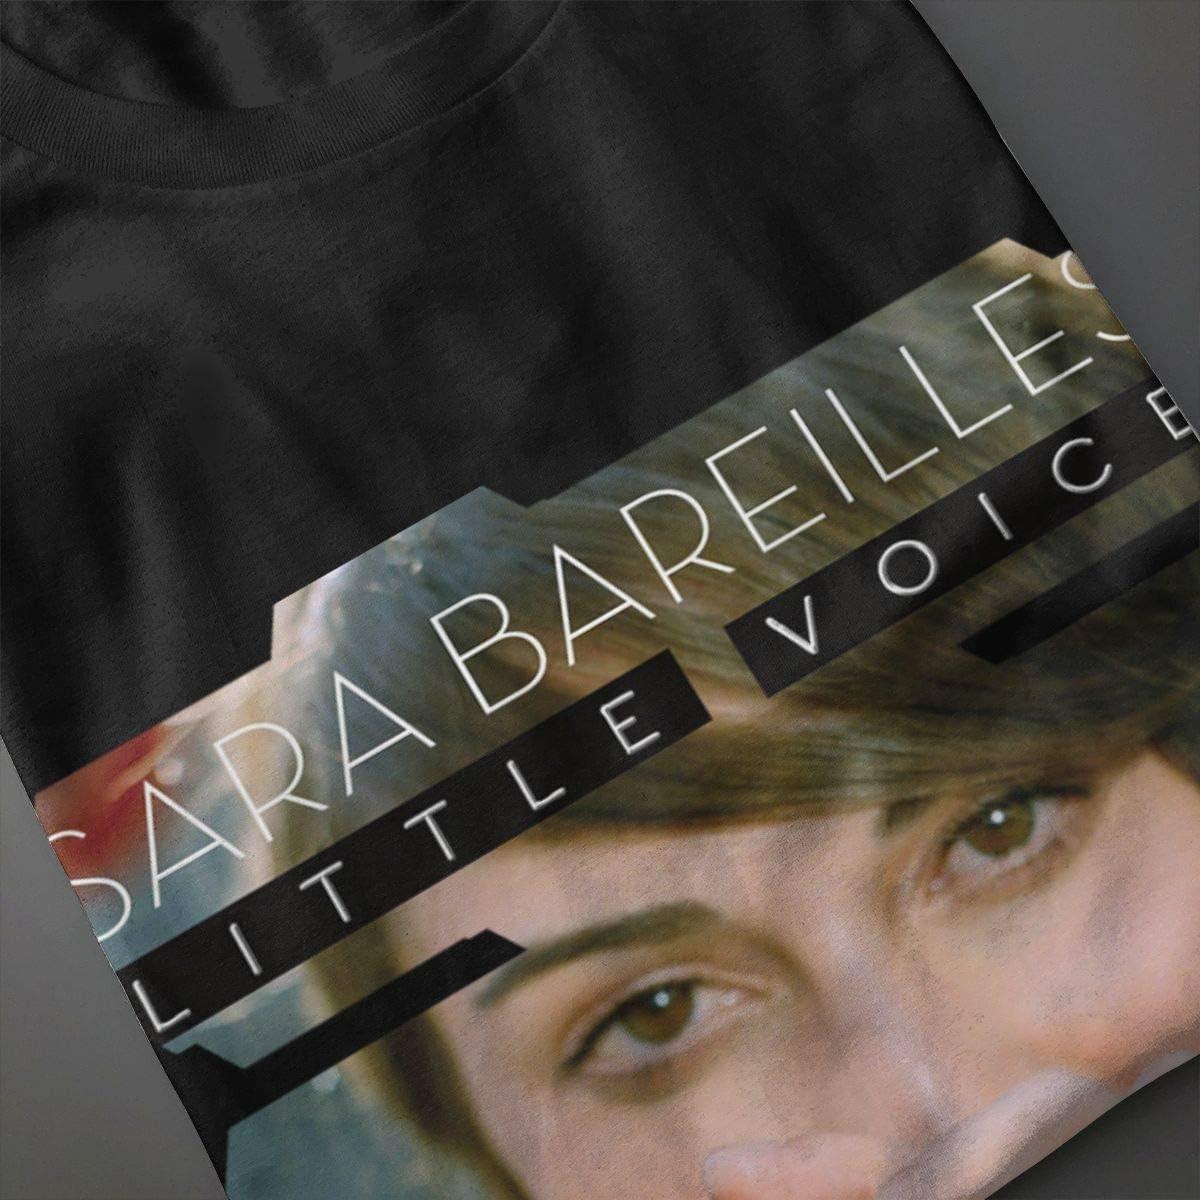 JXSRS SRTS Womens Sara Bareilles T Shirts Short Sleeve Tee Shirt Black